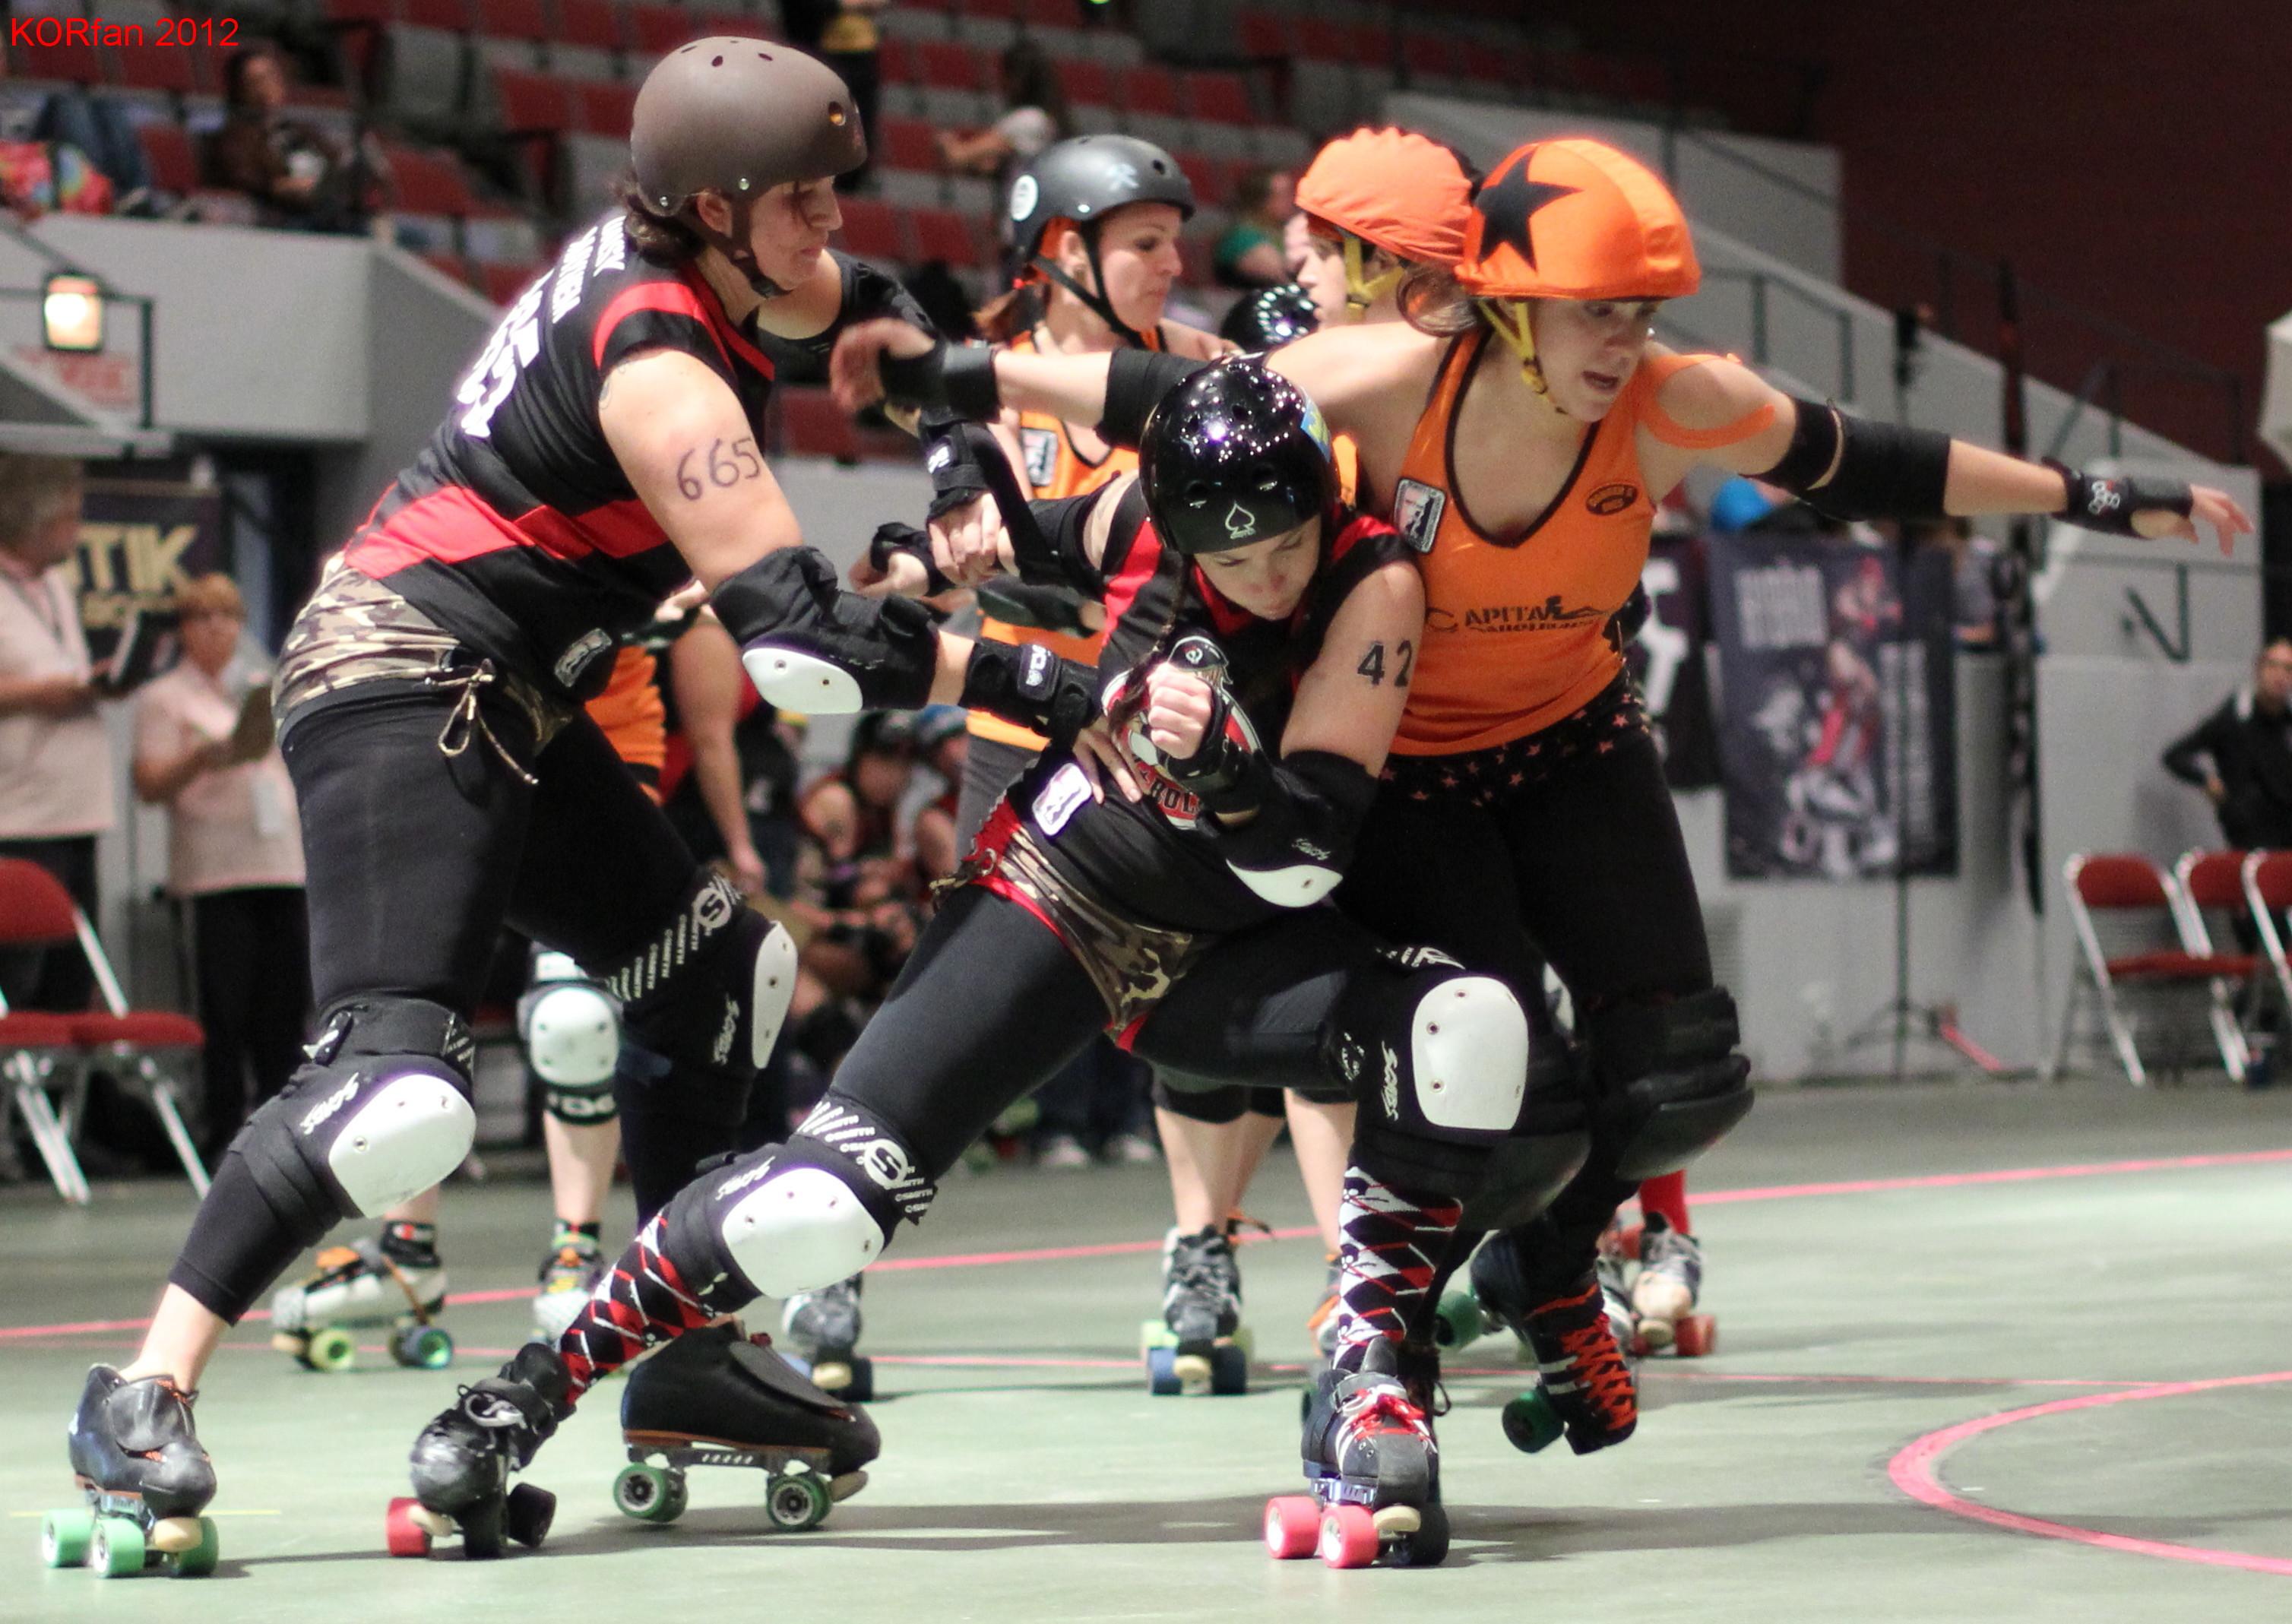 Roller skating omaha - Daisy